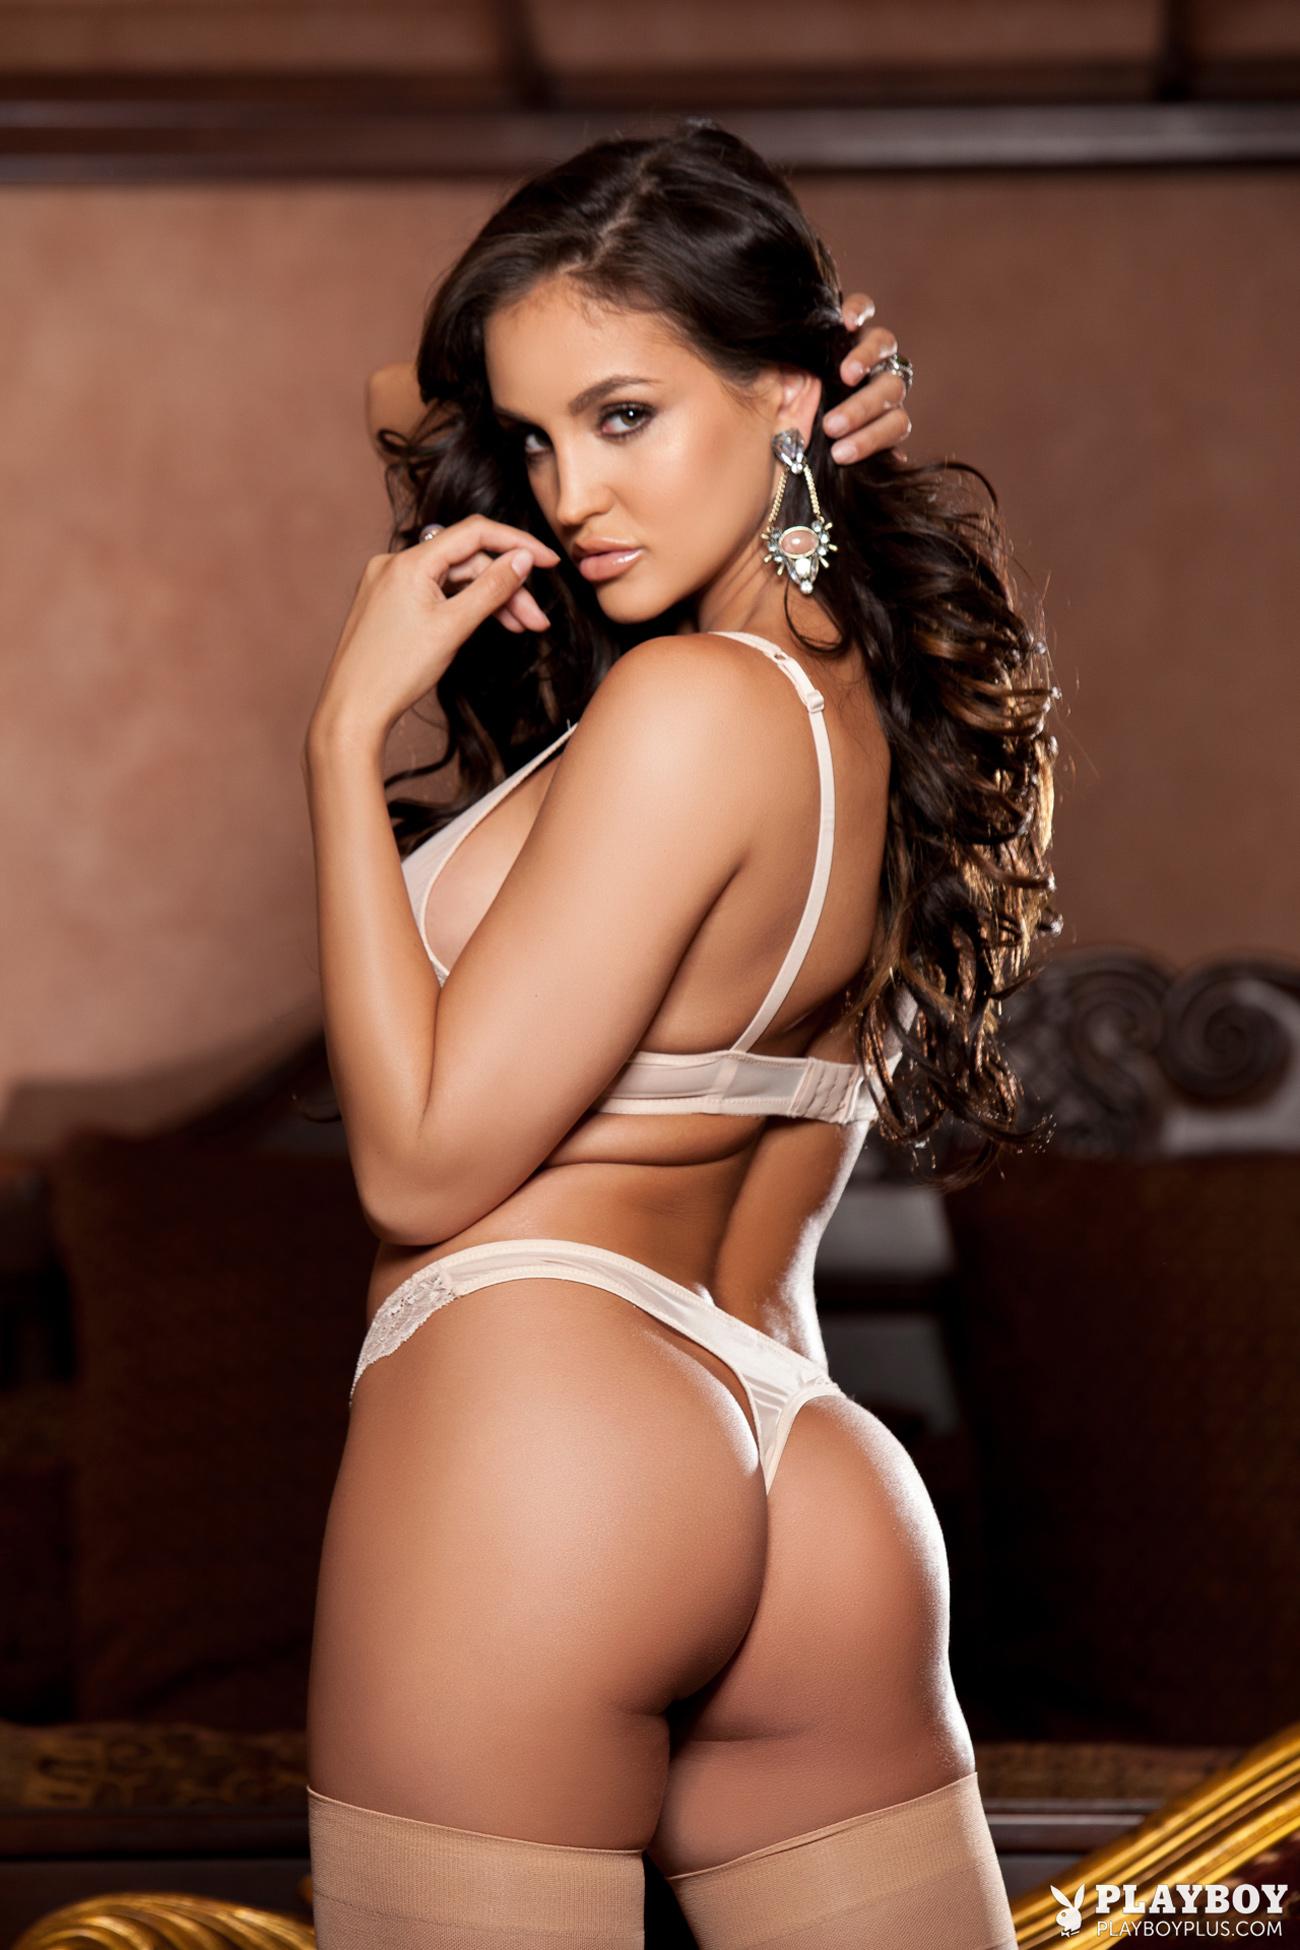 jaclyn-swedberg-corset-stockings-playboy-09